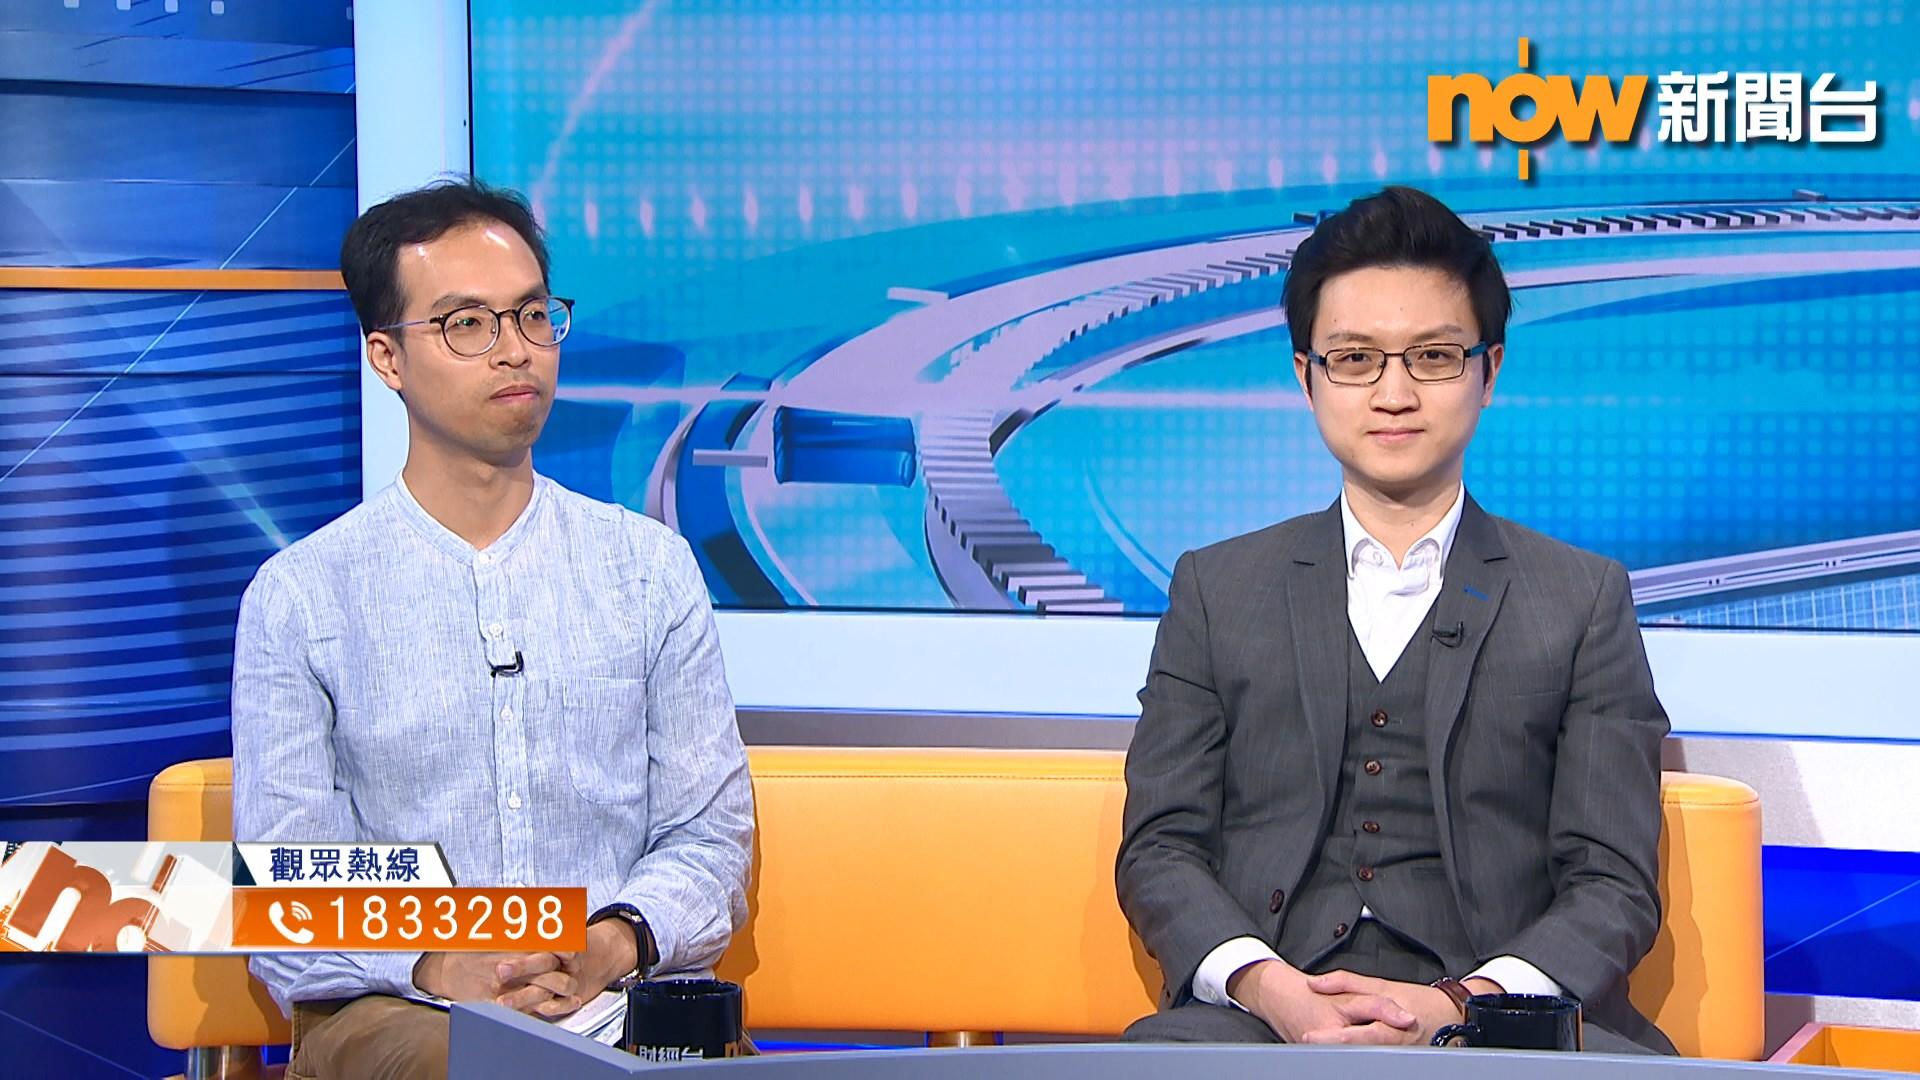 【時事全方位】公布明日大嶼造價(二)